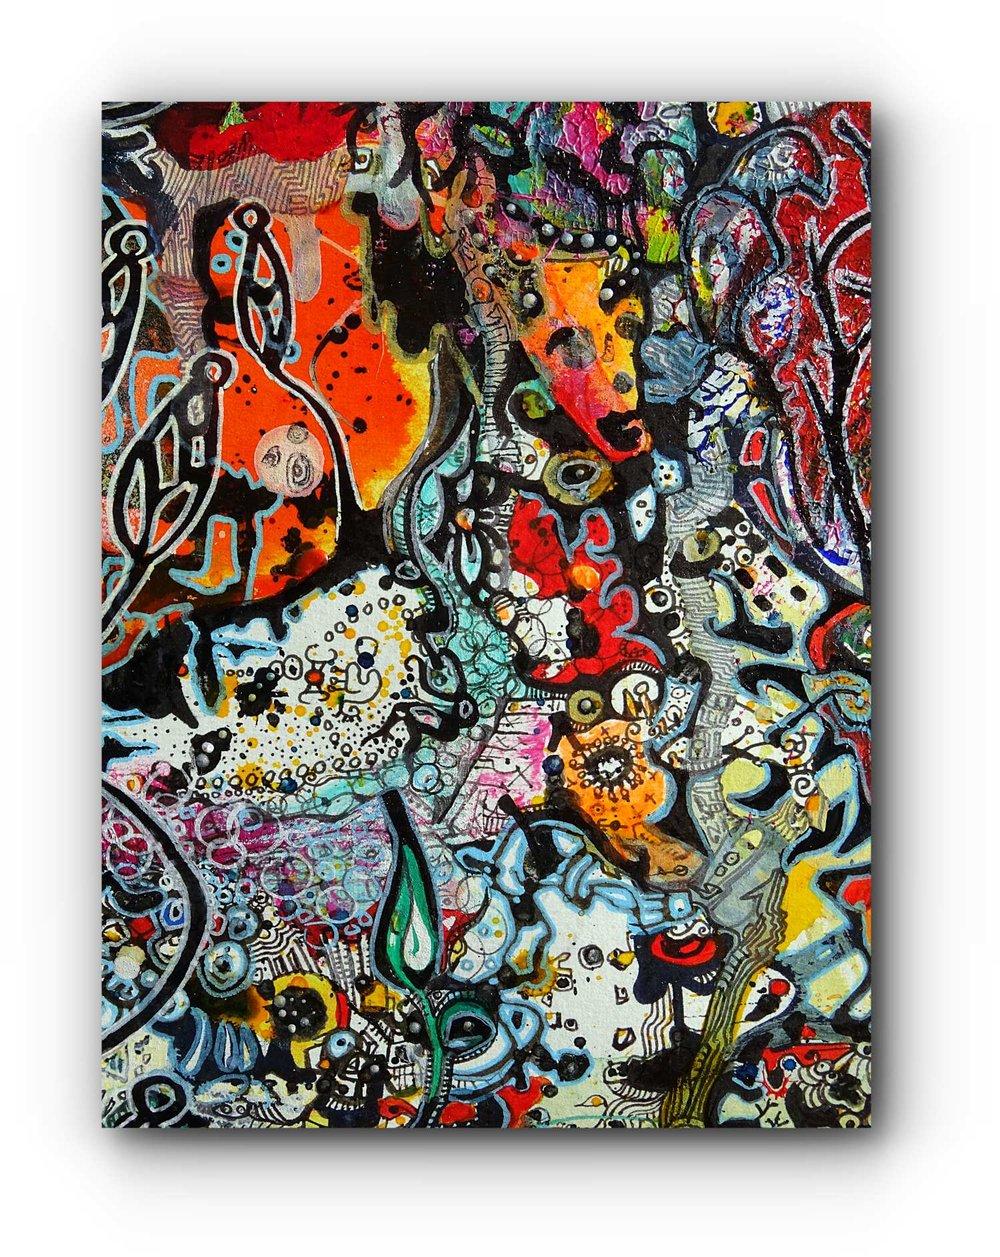 painting-detail-8-medeina-artist-duo-ingress-vortices.jpg